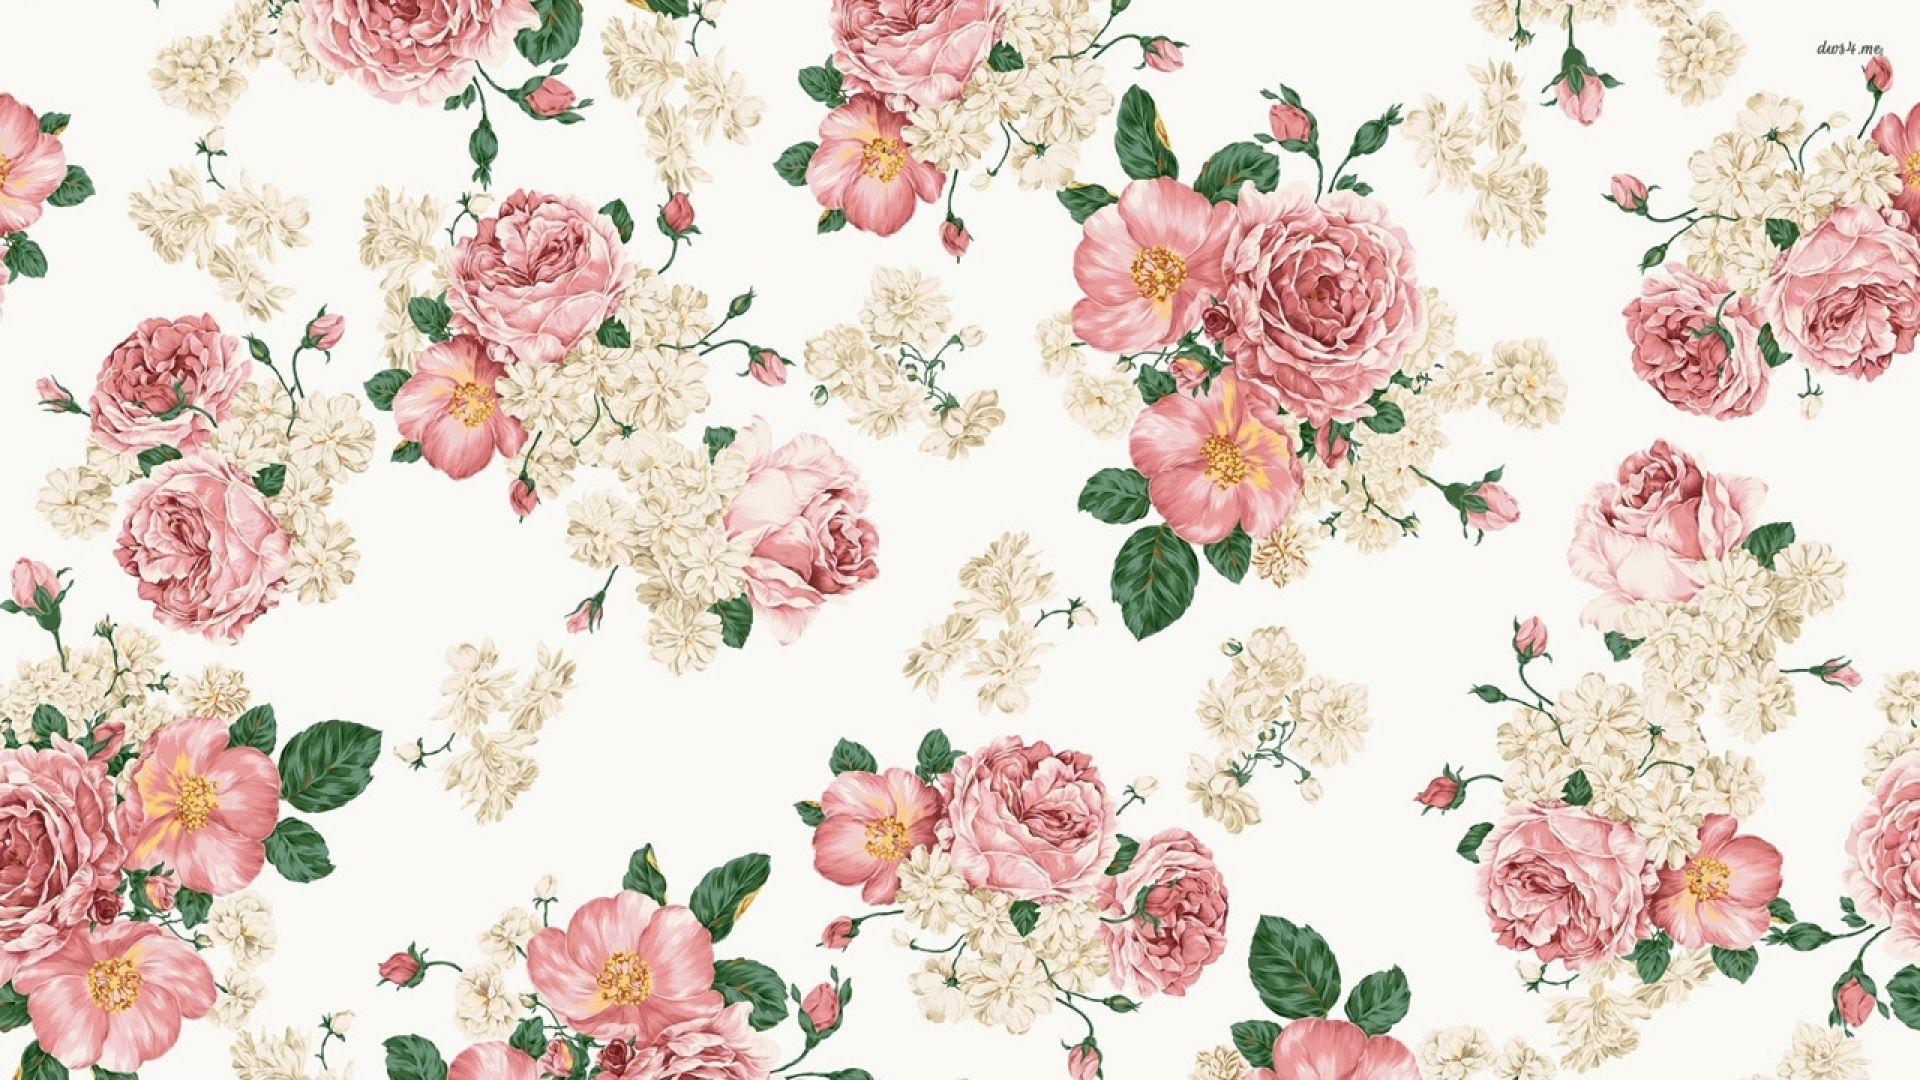 Shabby Chic Desktop Wallpaper Wallpaper Bunga Cetakan Bunga